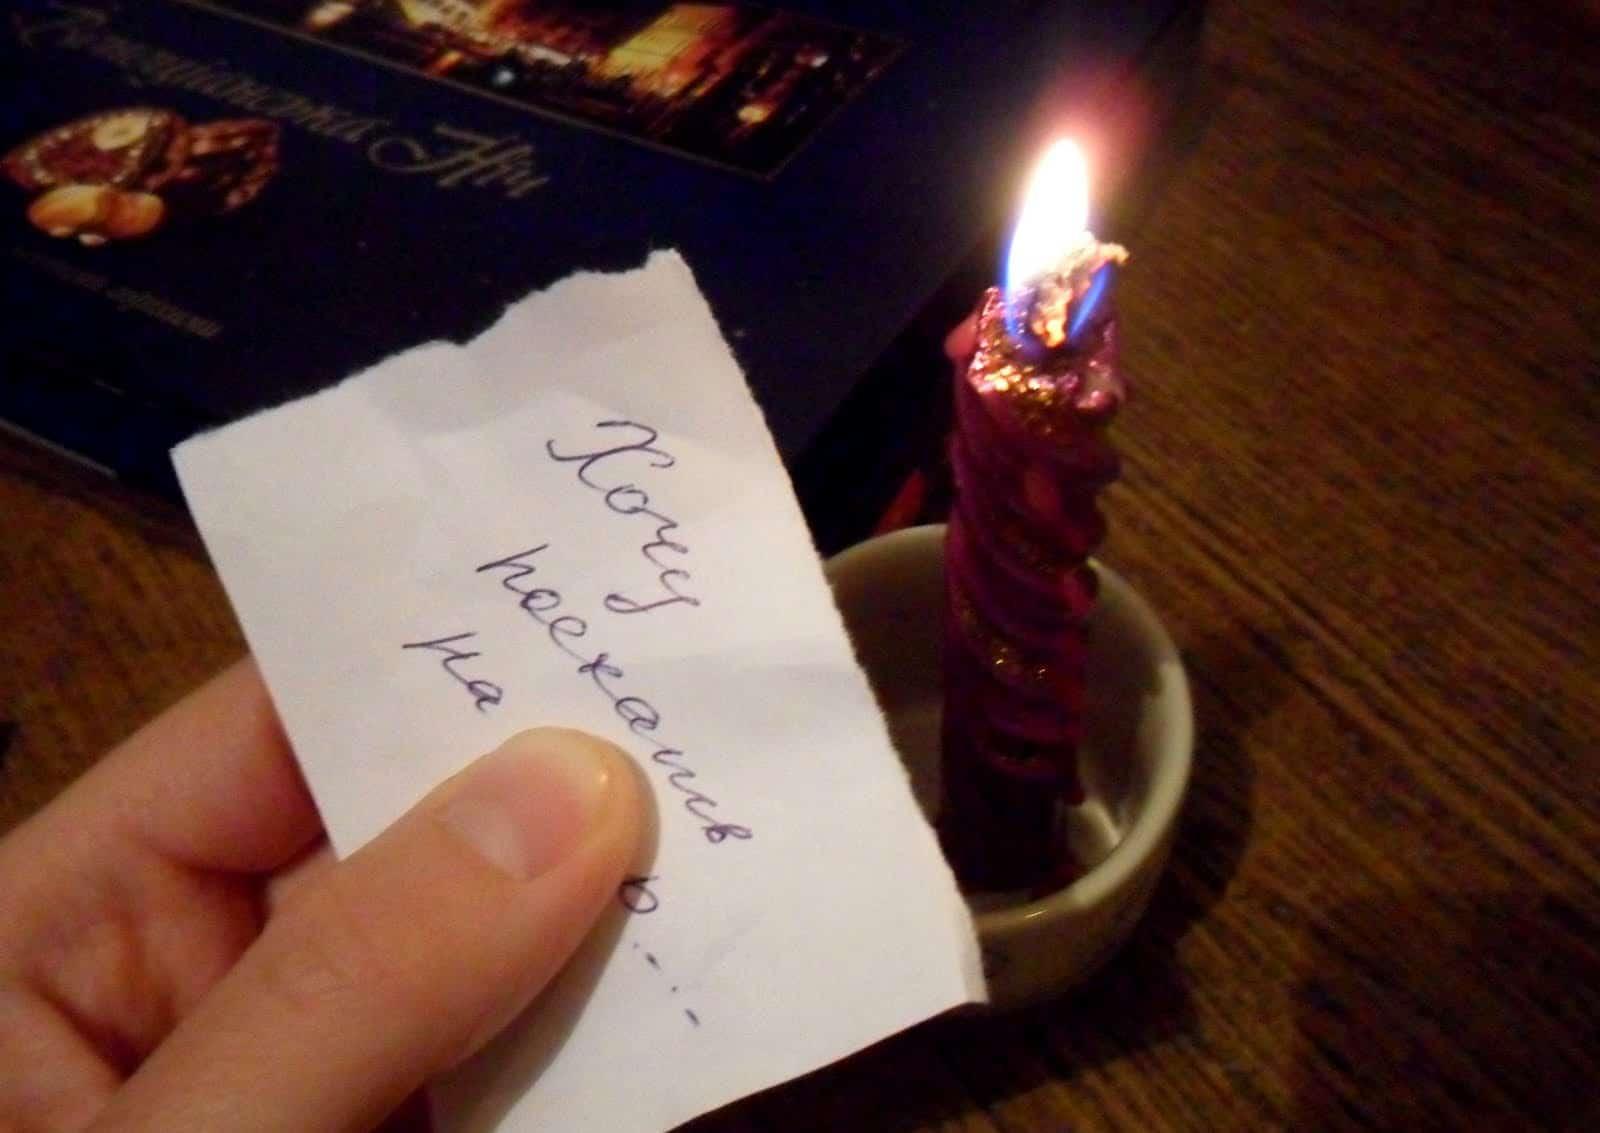 Традиция сжигать записку с желанием